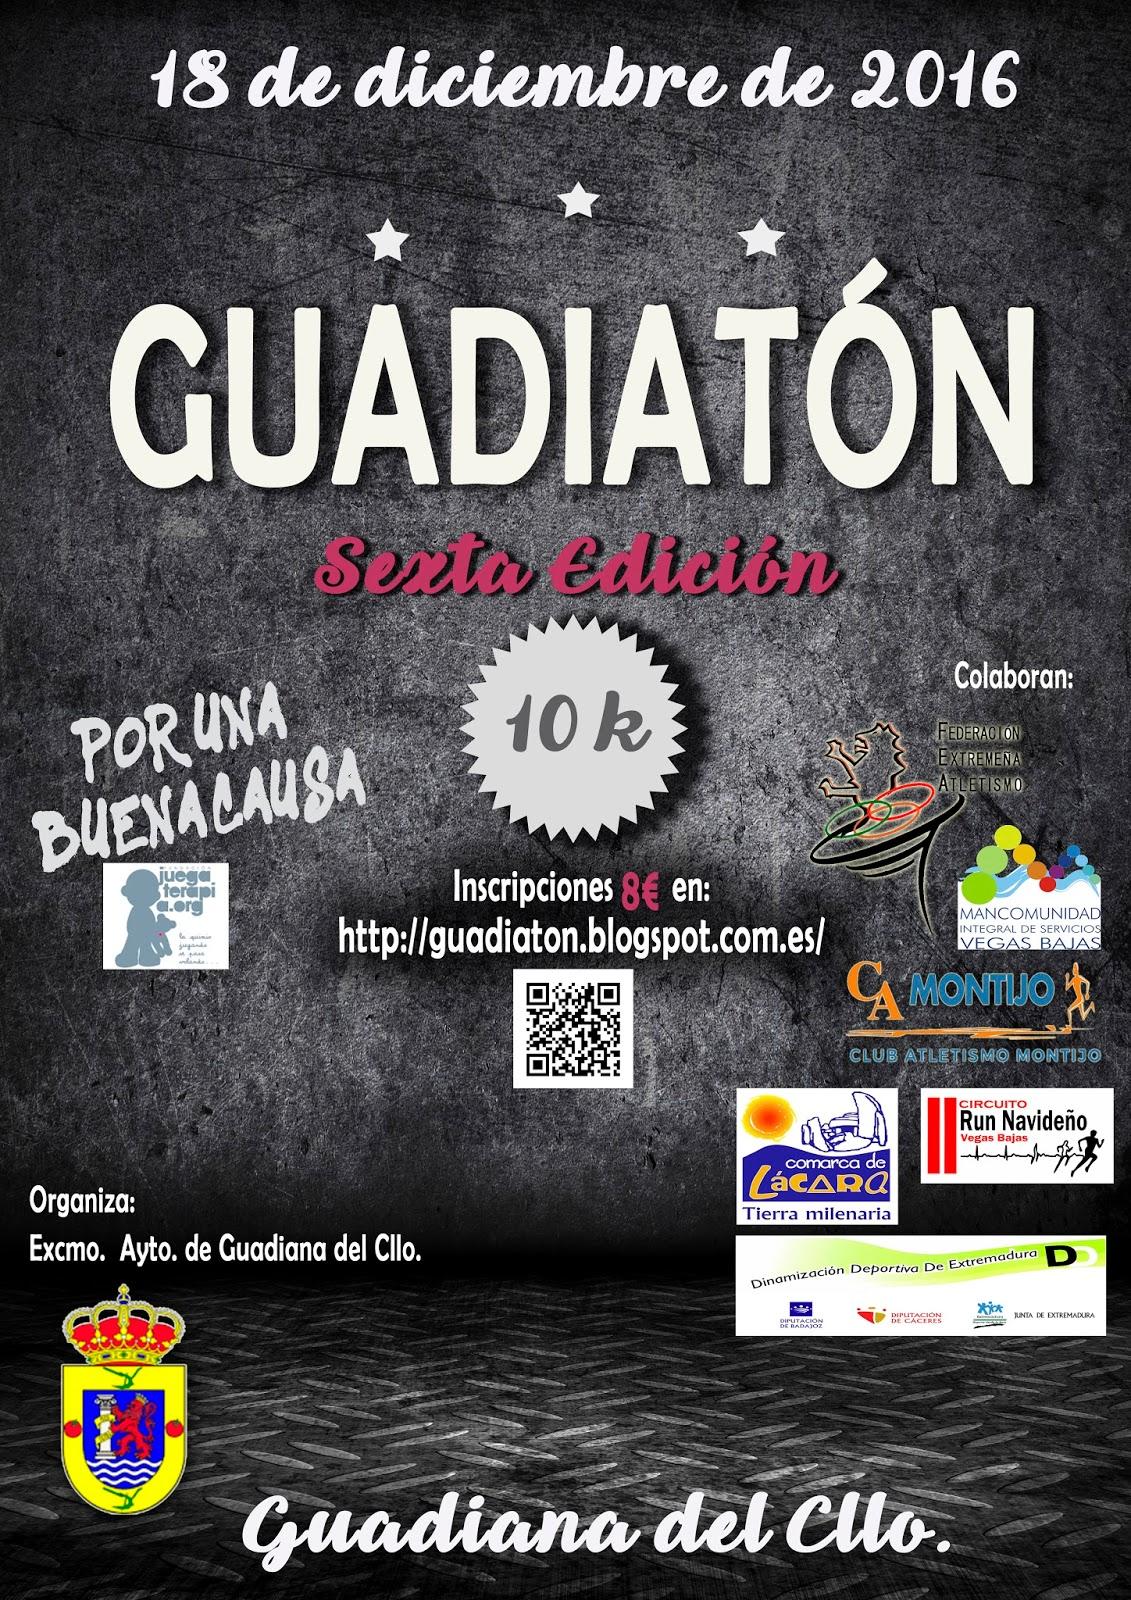 GUADIATÓN SEXTA EDICIÓN